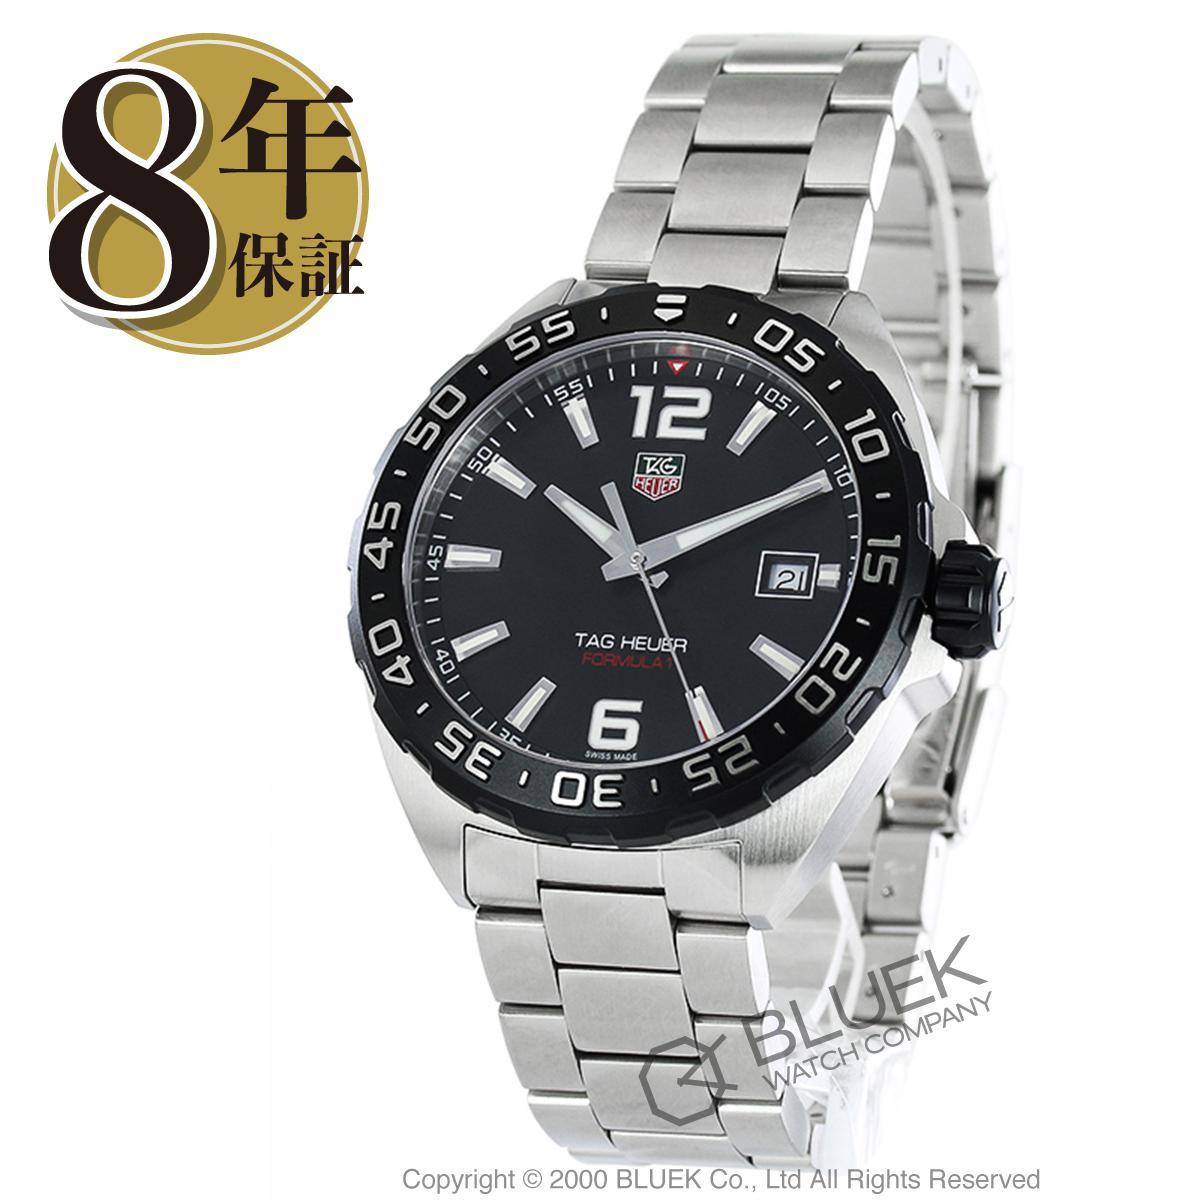 タグホイヤー フォーミュラ1 腕時計 メンズ TAG Heuer WAZ1110.BA0875_8 バーゲン ギフト プレゼント